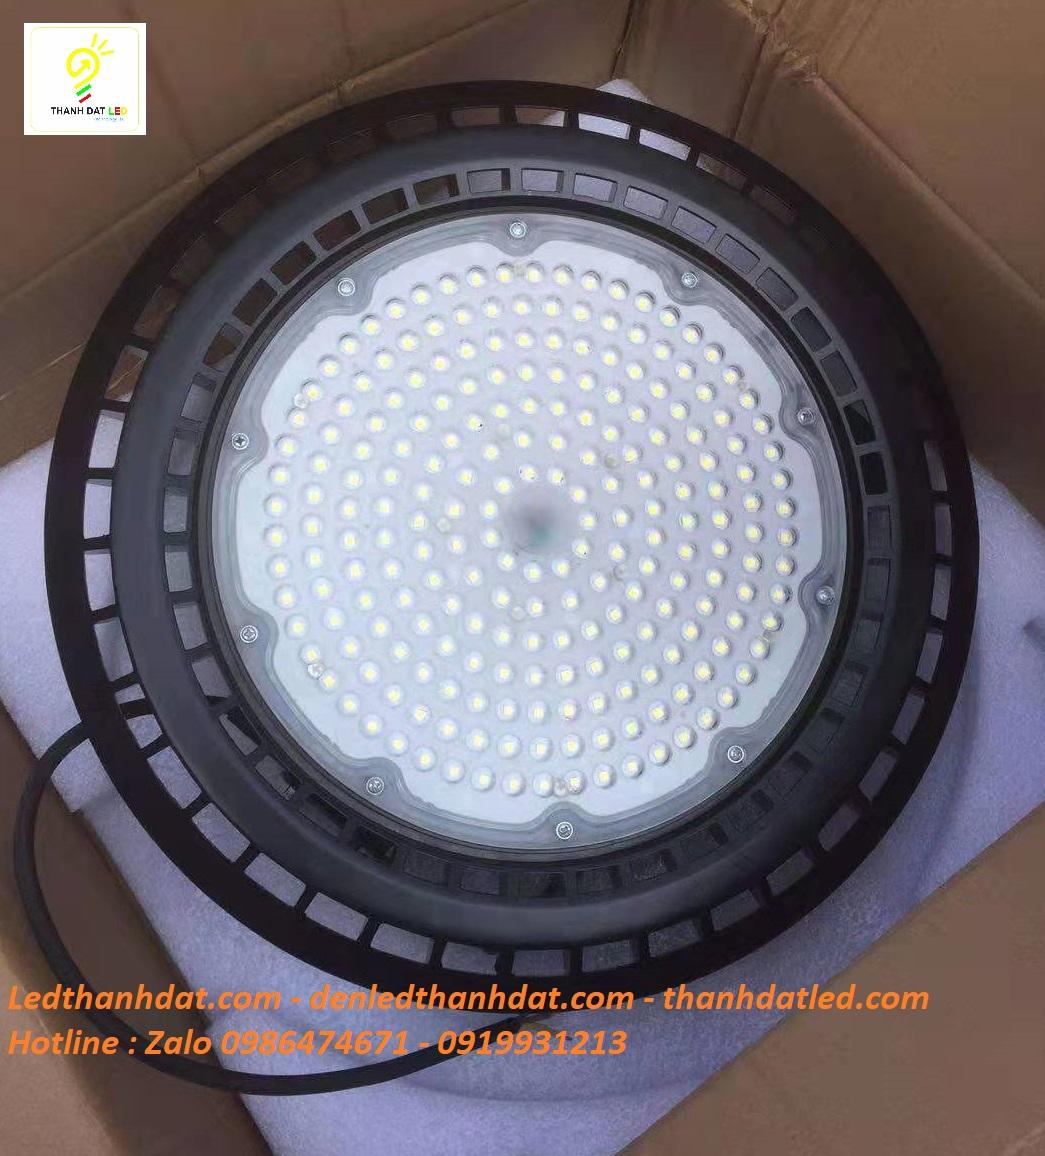 đèn nhà xưởng ufo philips